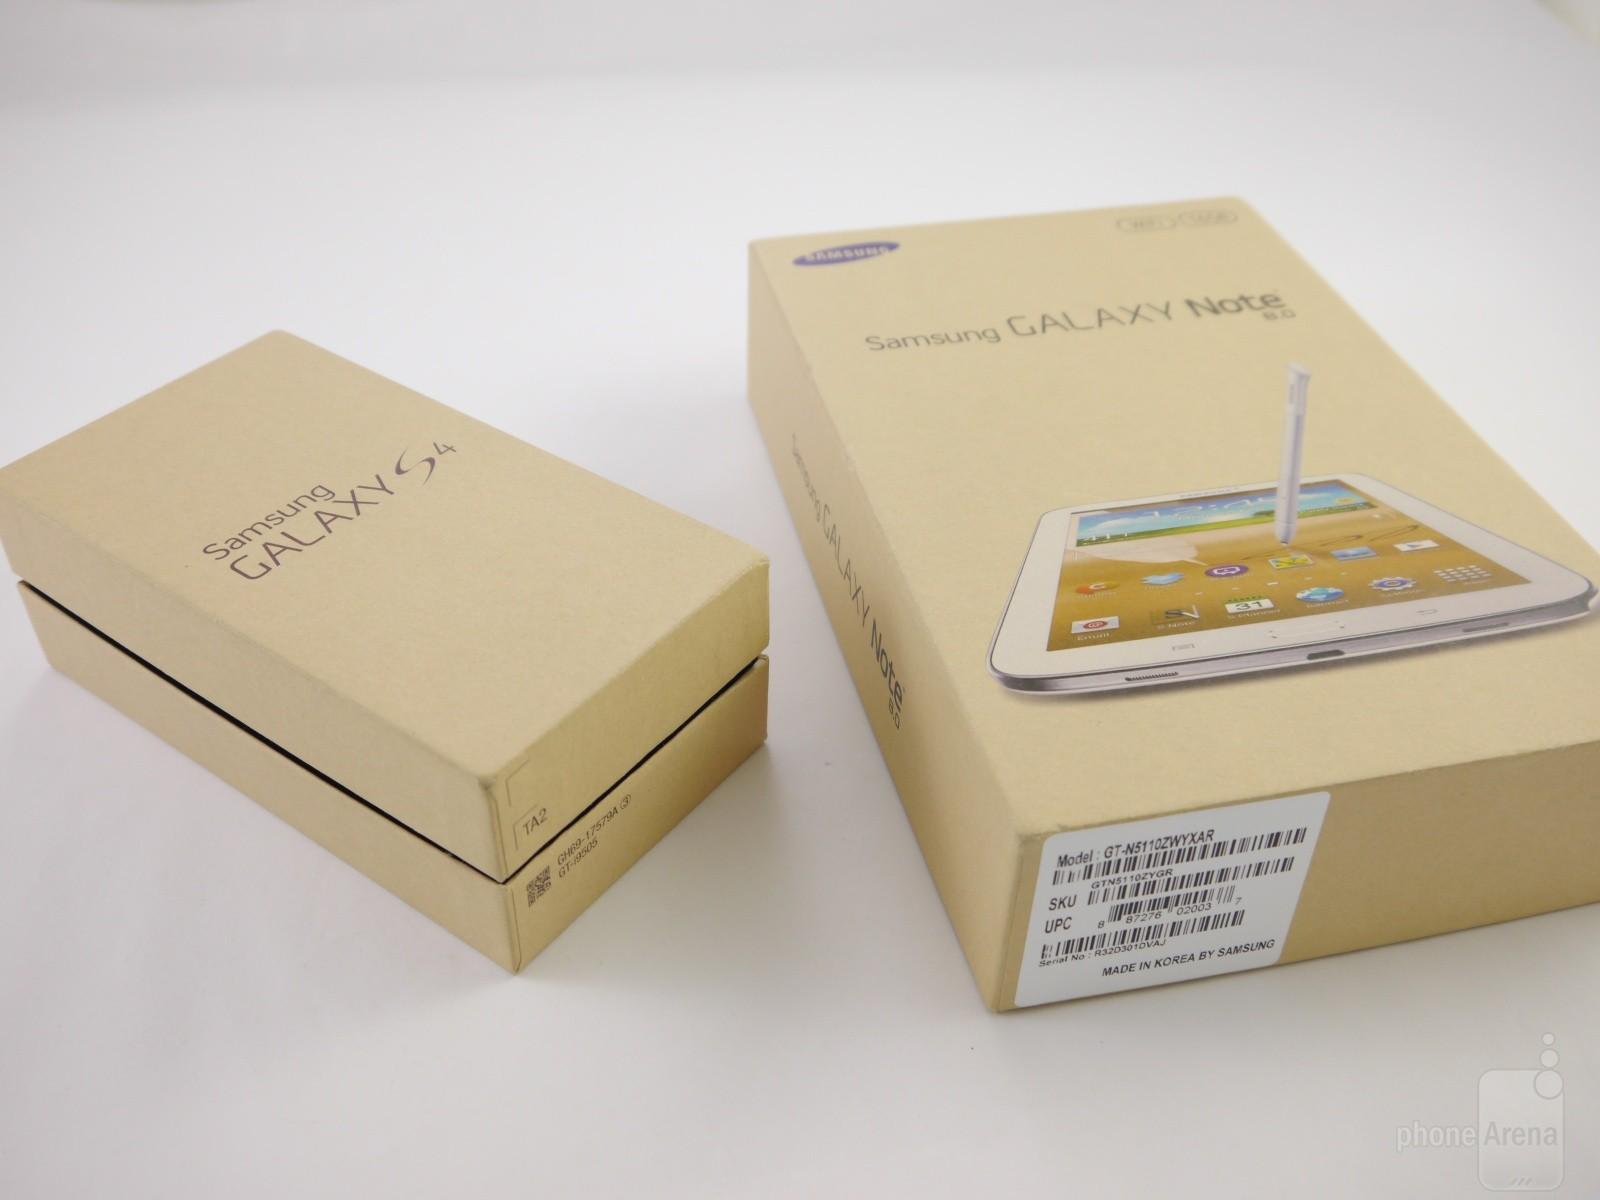 Samsung Galaxy S4 und Galaxy Note 8.0 im Unboxing